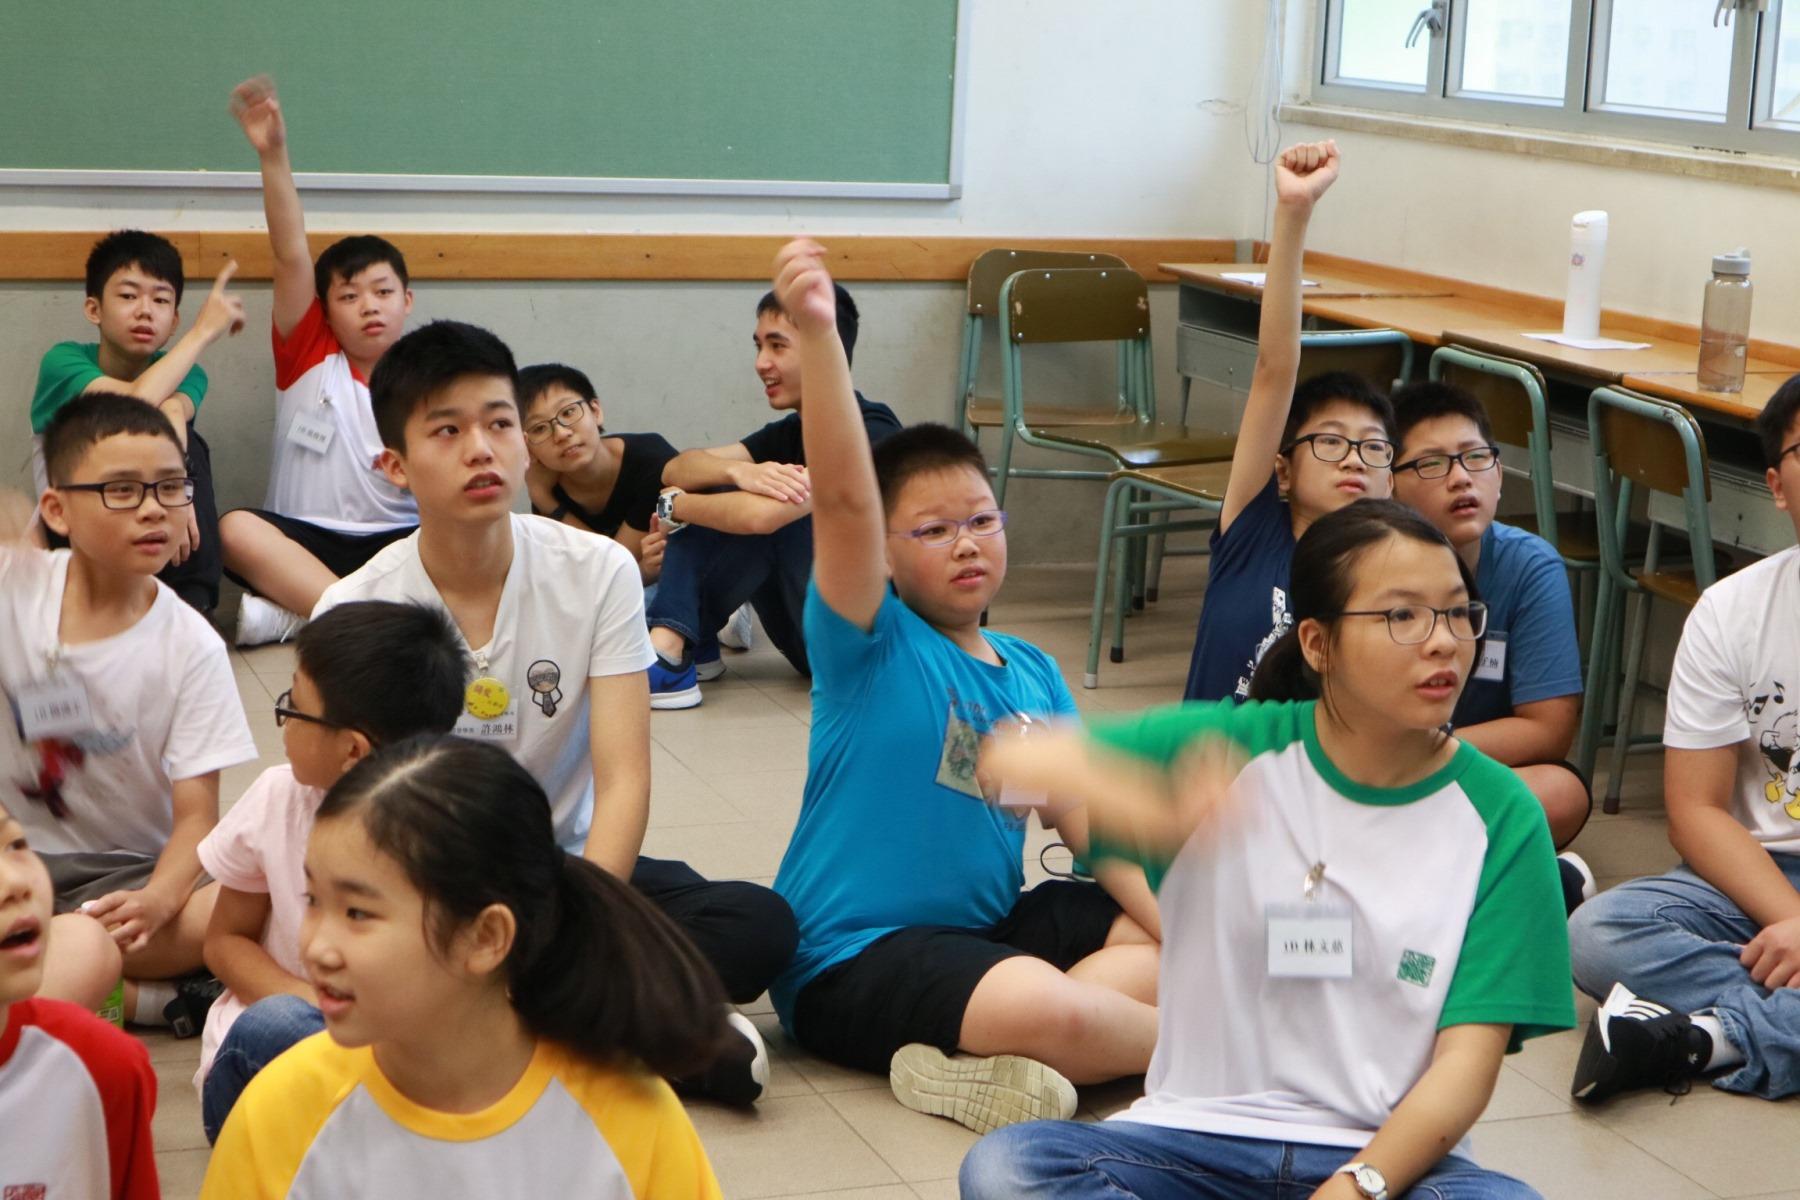 http://npc.edu.hk/sites/default/files/1b_dong_dong_nao_01.jpg